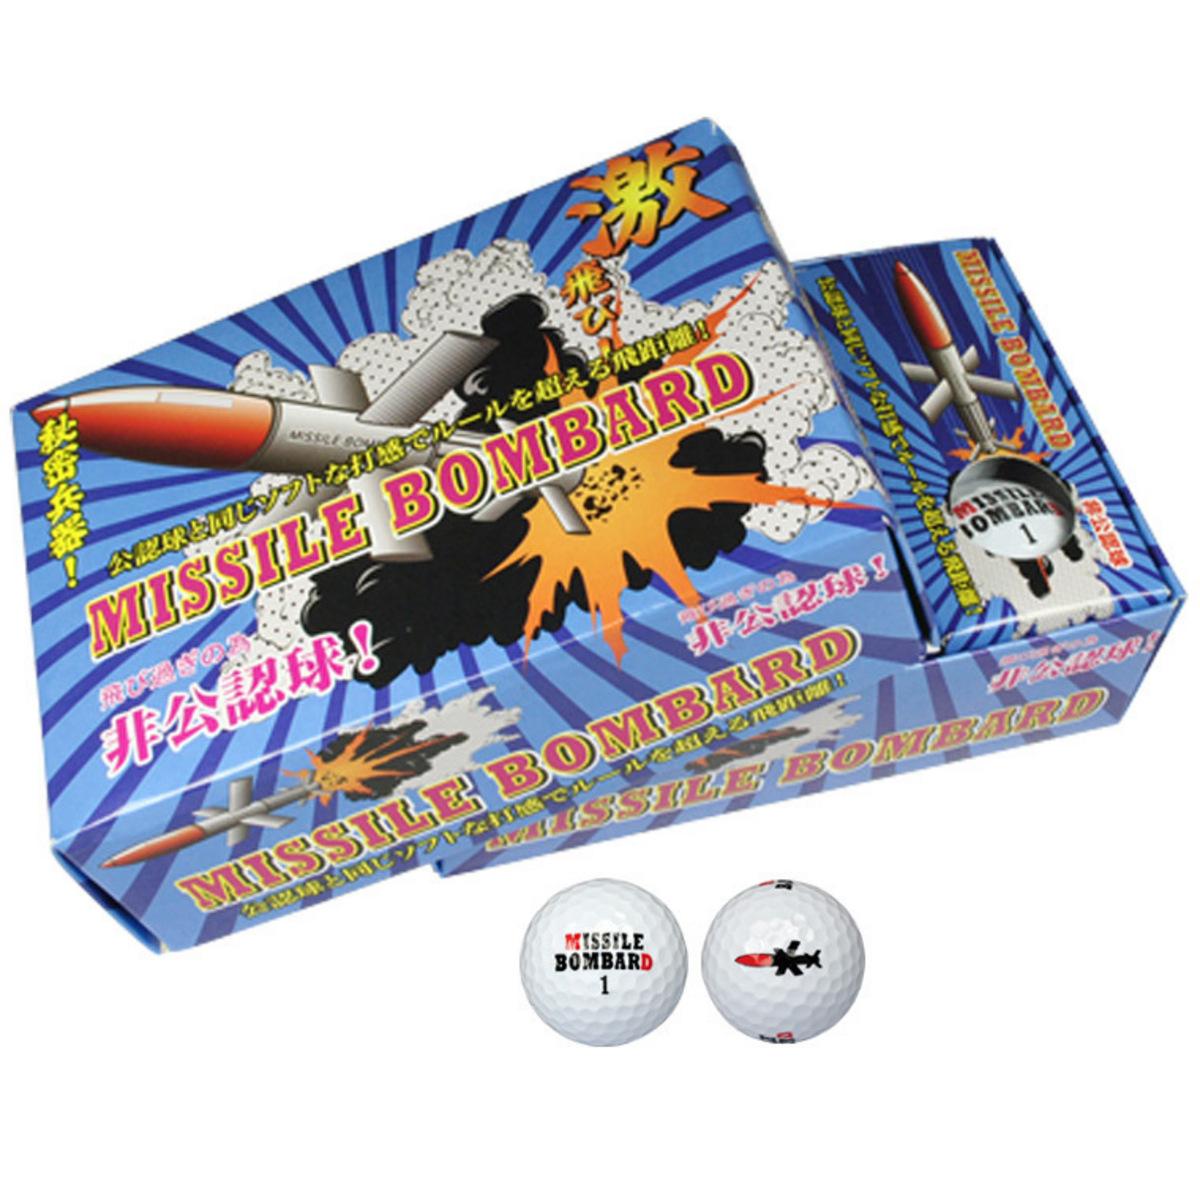 ミサイルボンバード 非公認球6P MBBA-2116【非公認球】